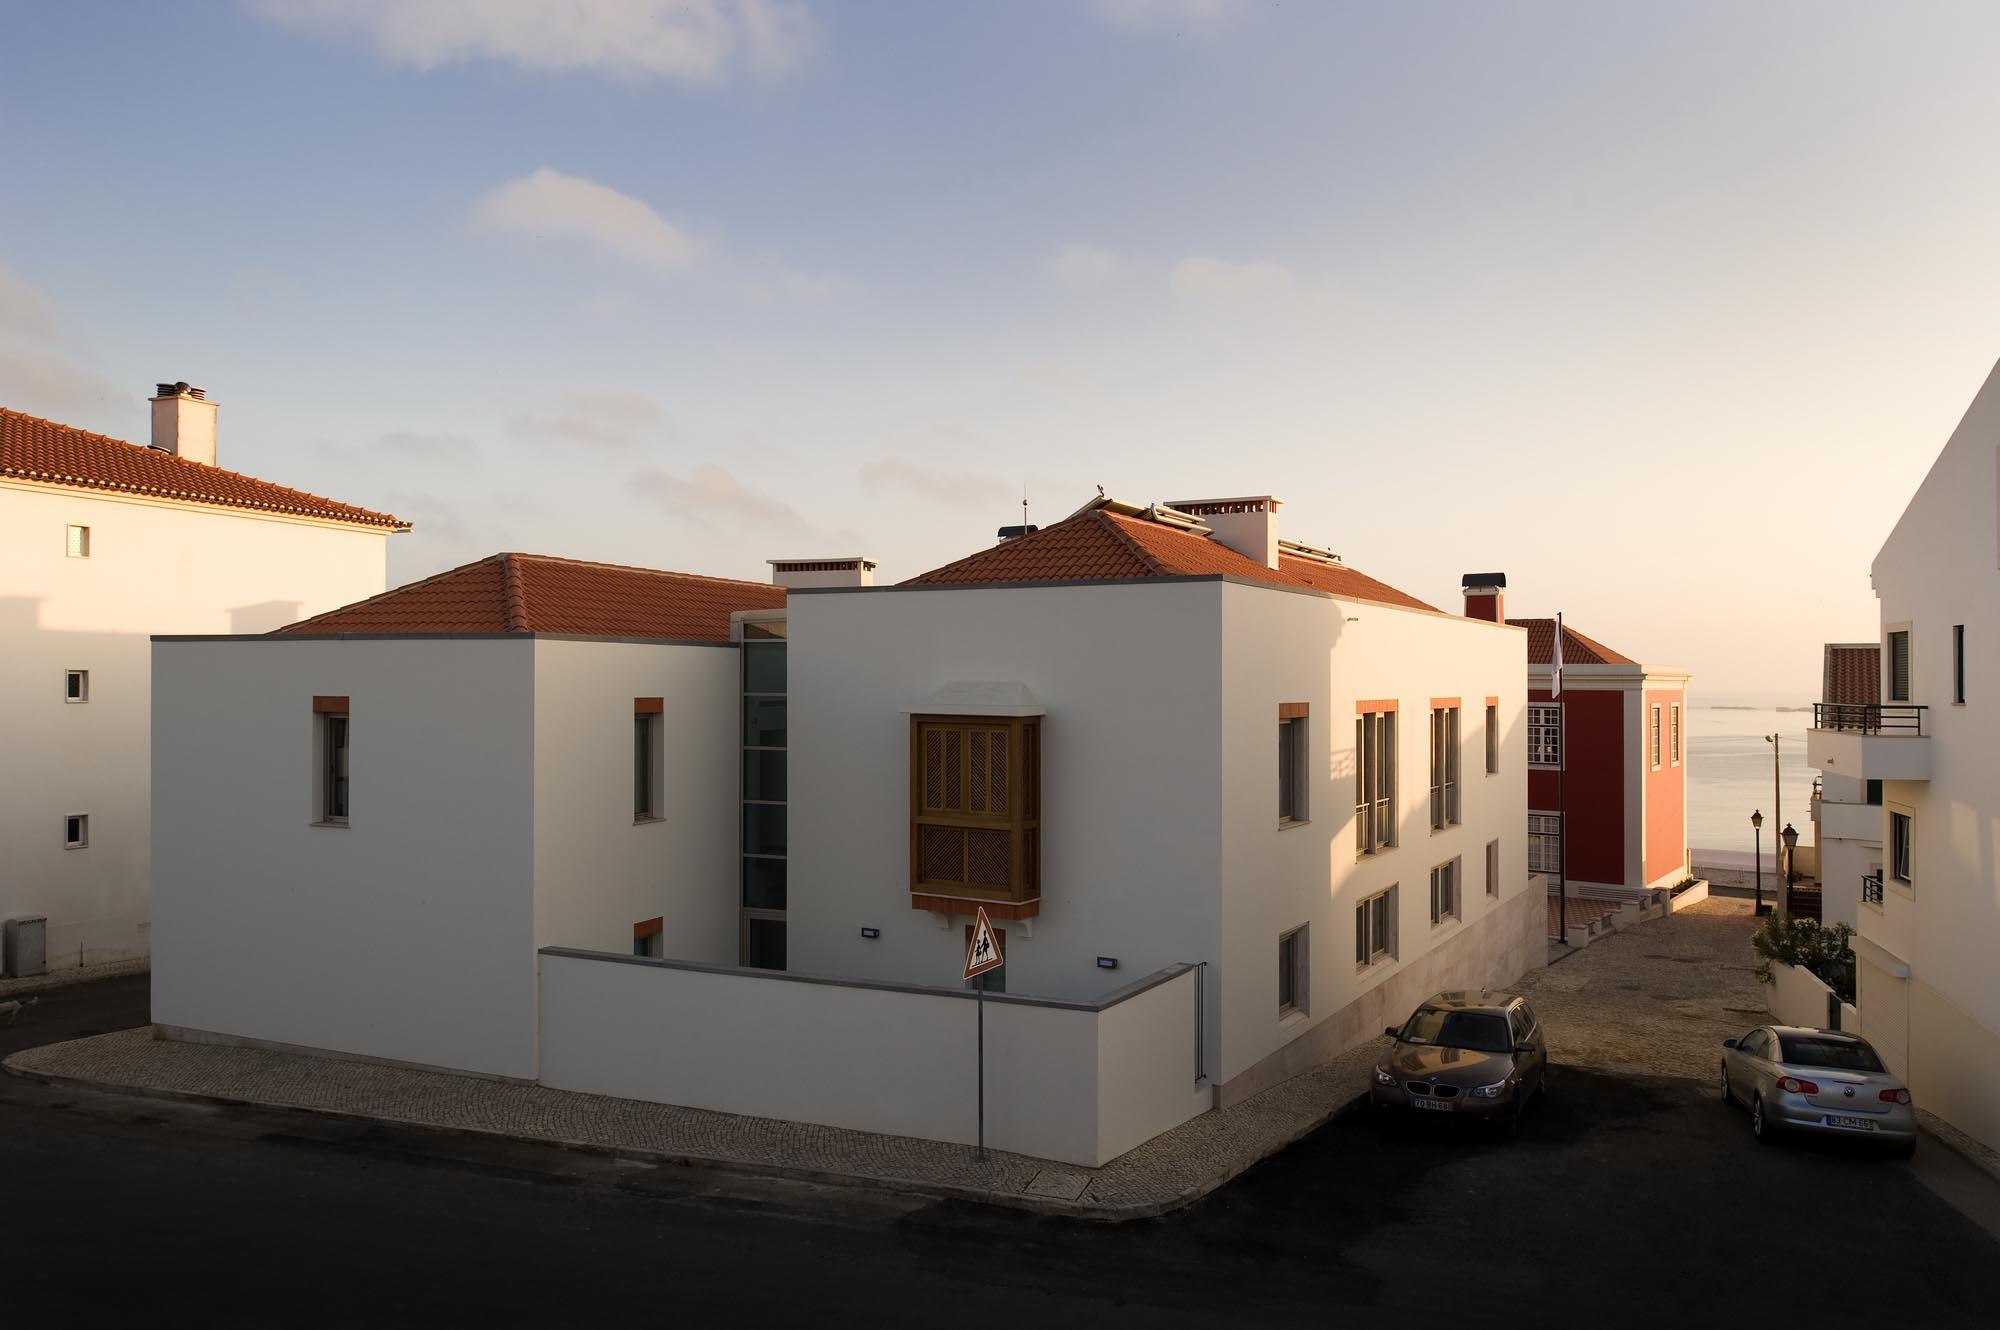 Casa do Médico - Sines - 06a